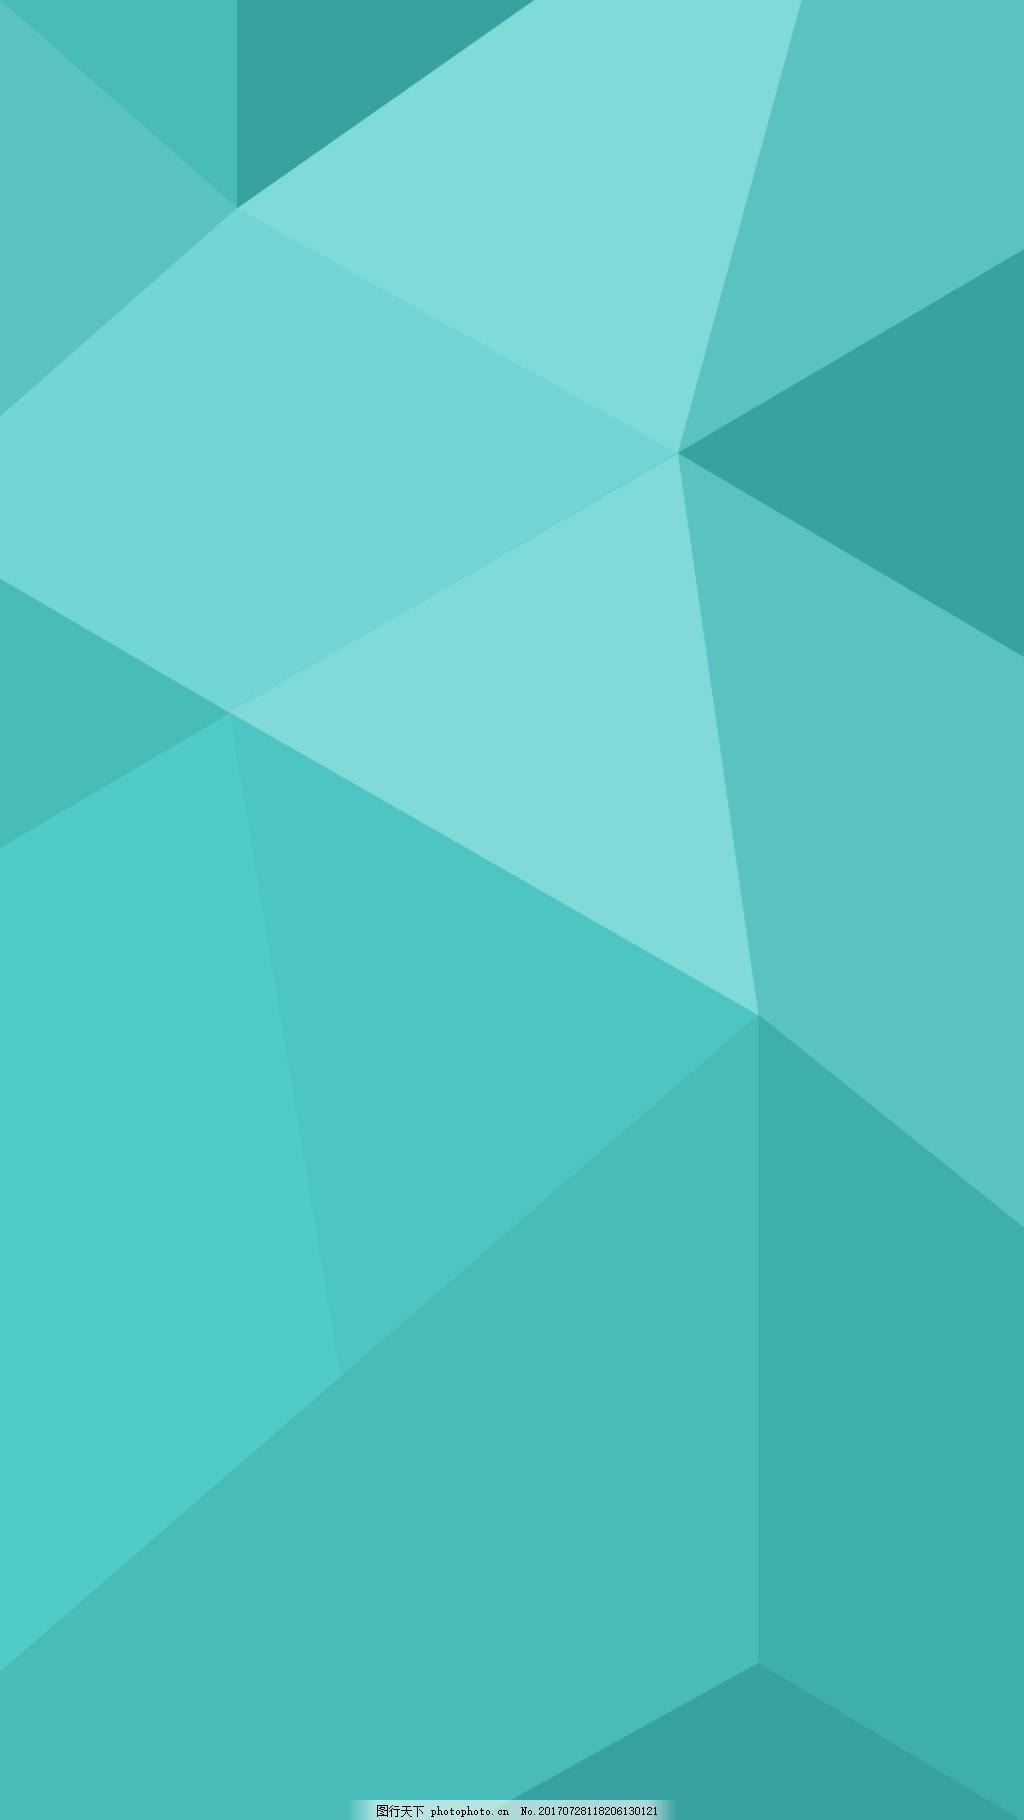 现代简约蓝色几何背景 大气 蓝色渐变 不规则图案 底纹 背景素材